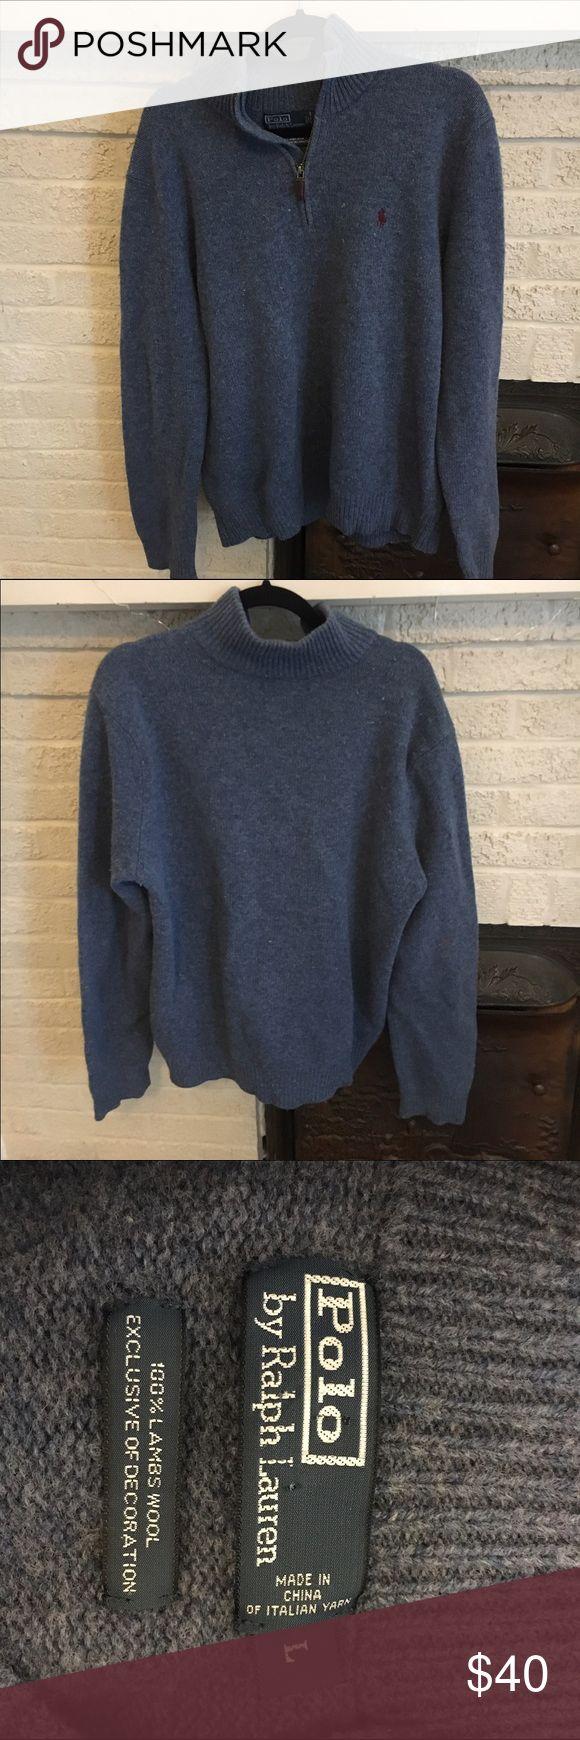 Polo Ralph Lauren Men's half Zip sweater Polo Ralph Lauren Men's half Zip sweater. Shale blue size L. Polo by Ralph Lauren Sweaters Zip Up